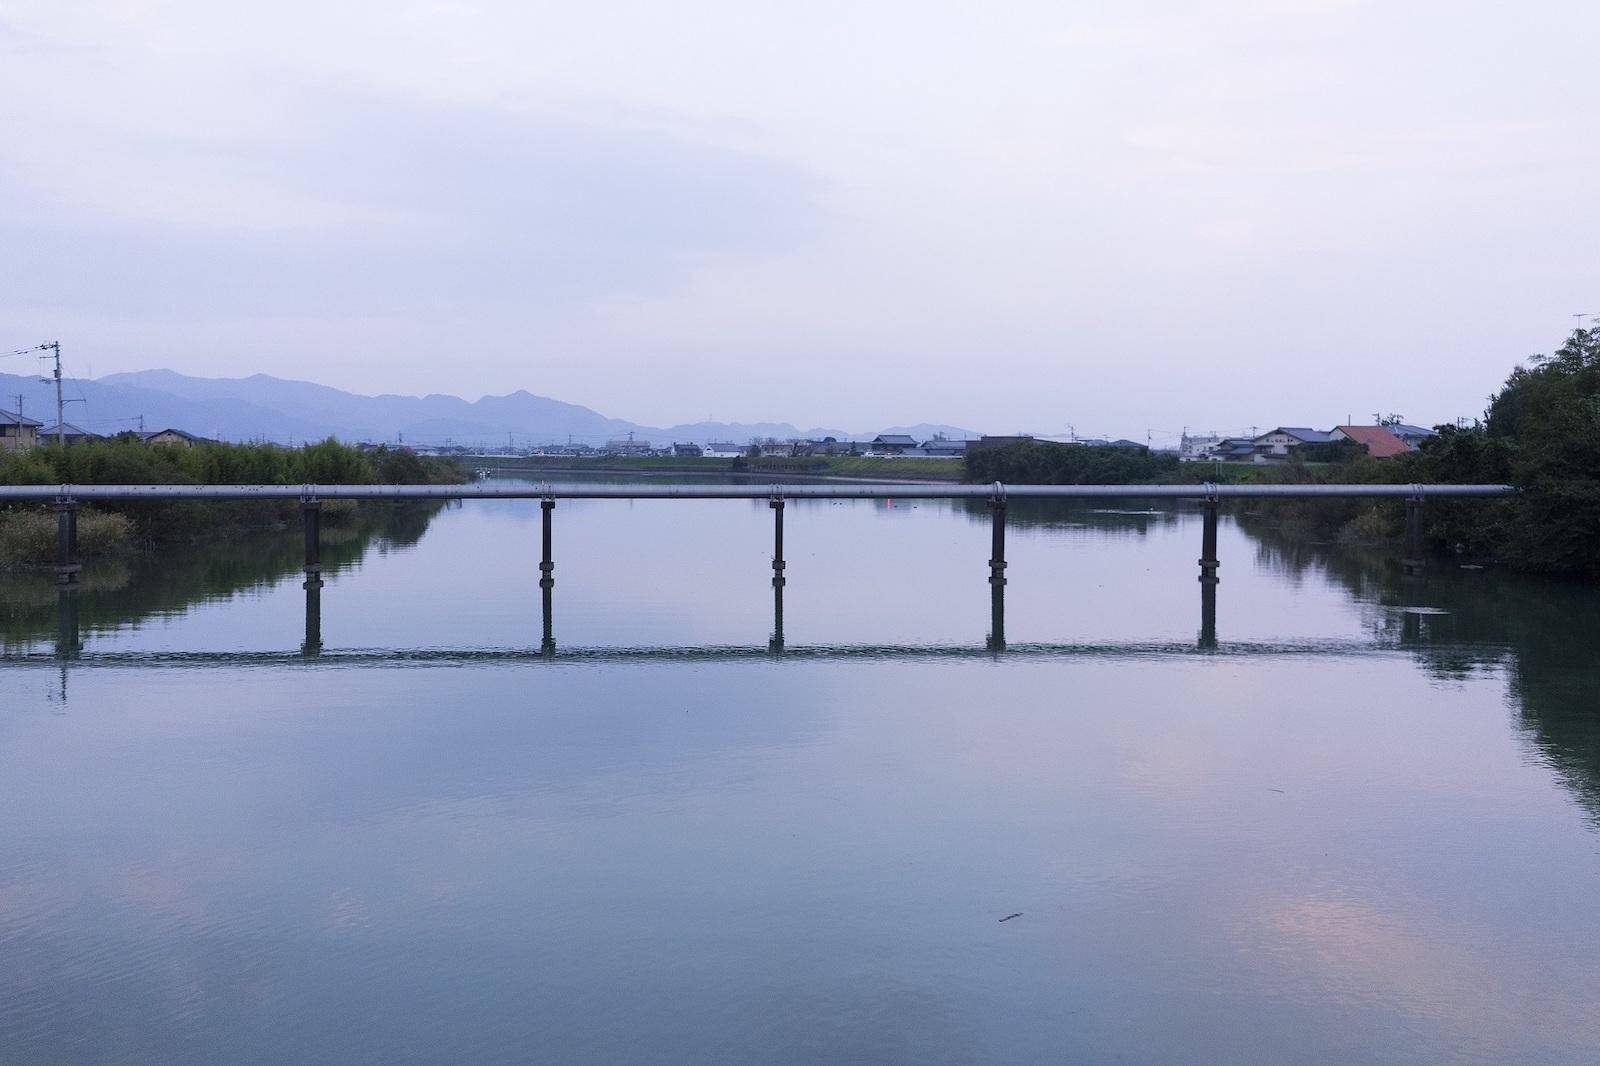 小石製作所のすぐそばの風景。山に川に海に…徳島は自然に恵まれた土地